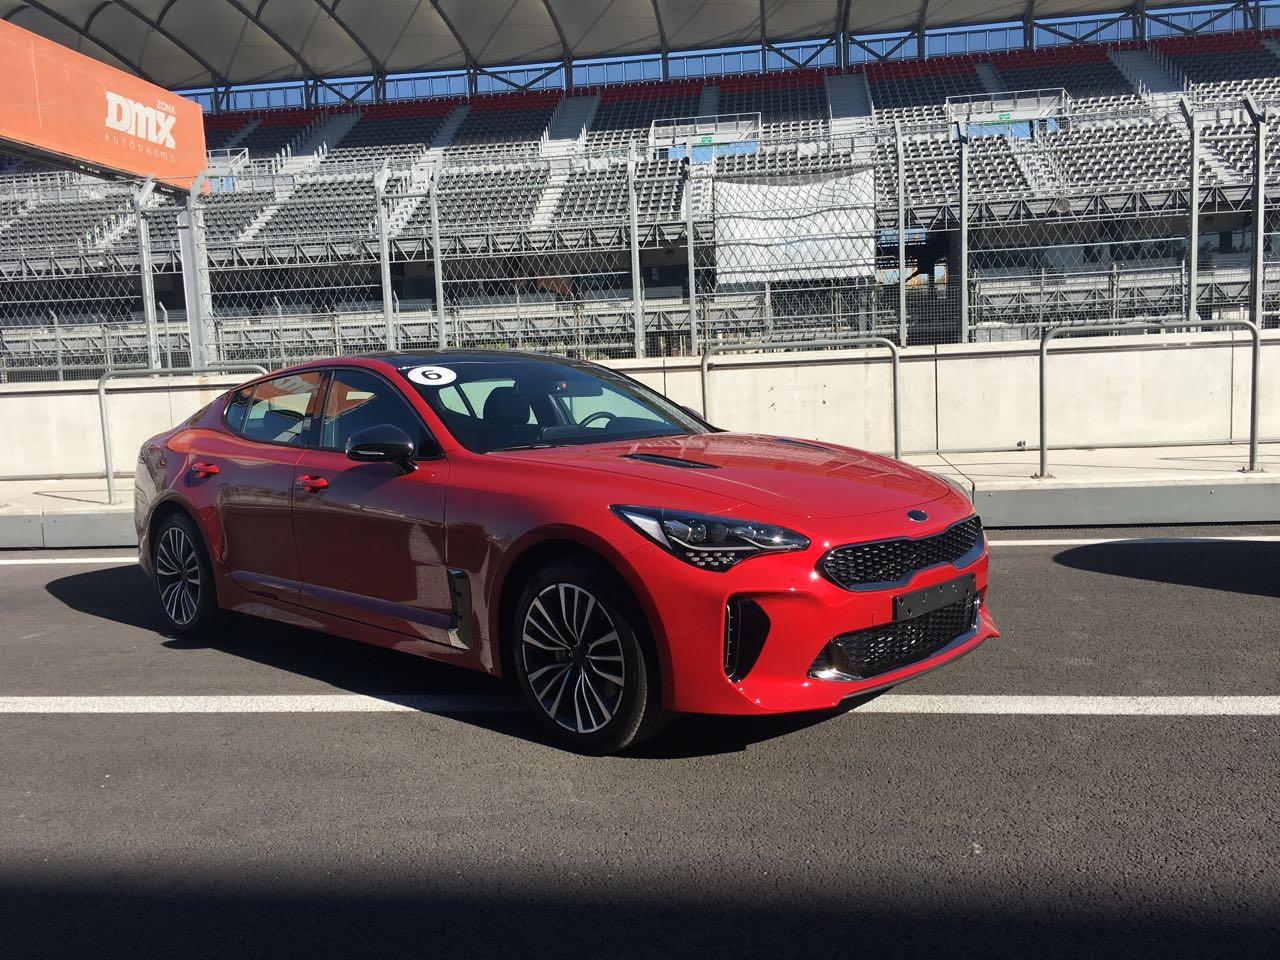 Disfrutando el Autódromo Hermanos Rodríguez con Kia Stinger